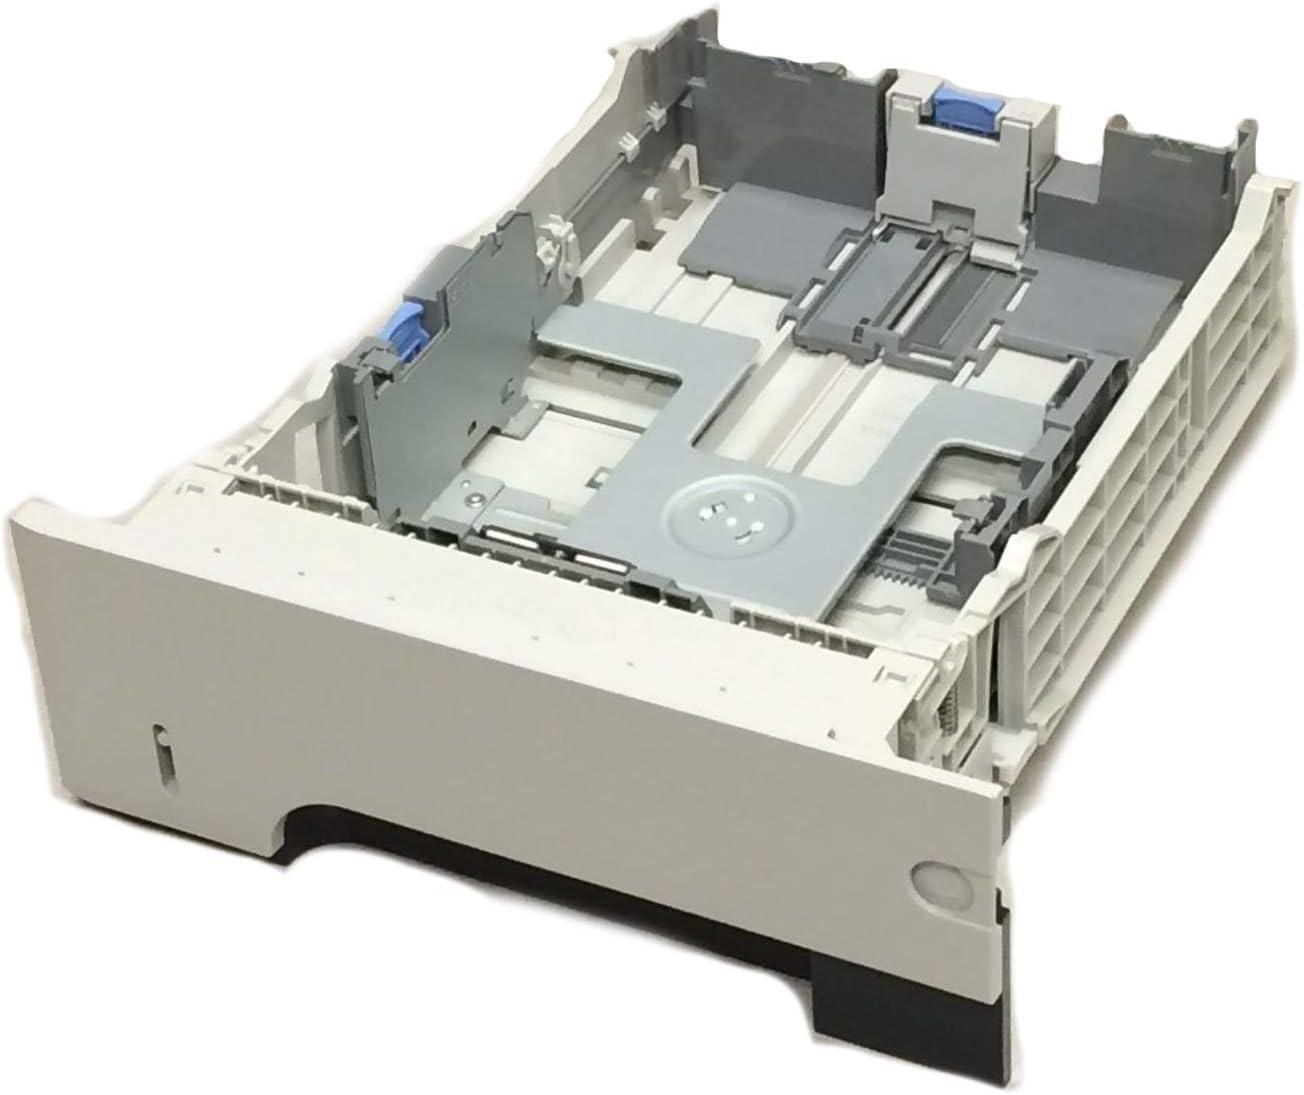 HP Laserjet P3015 Input Cassette Tray - OEM - OEM# RM1-6279-000CN - Cassette Only